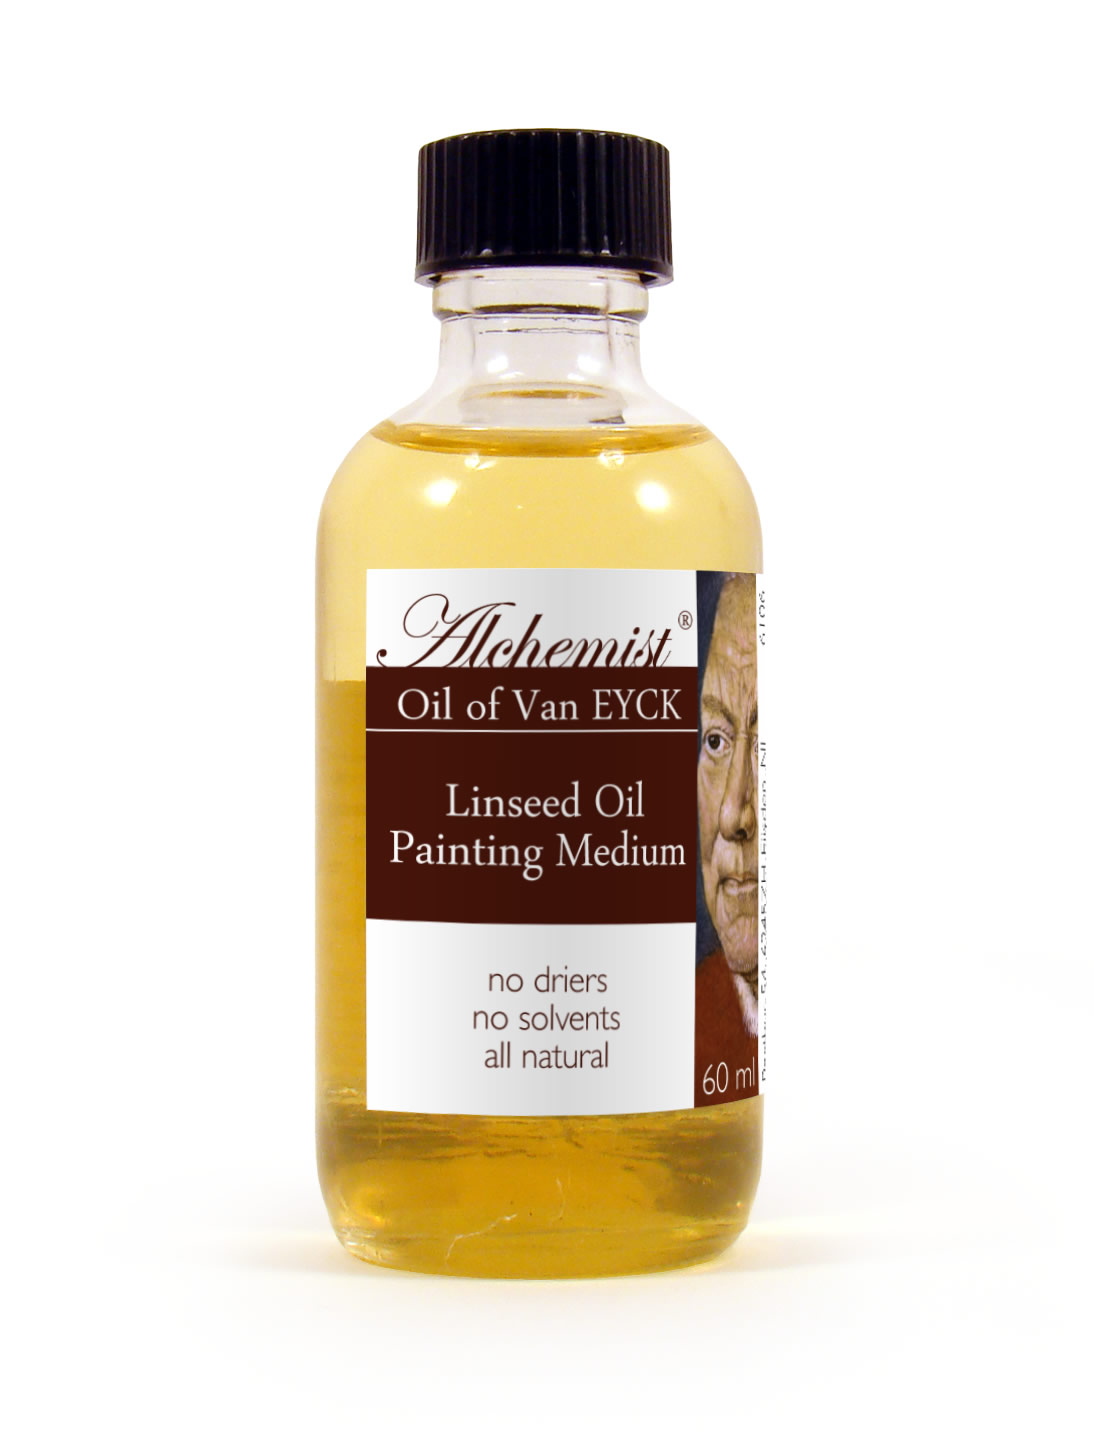 Linseed Oil paintings